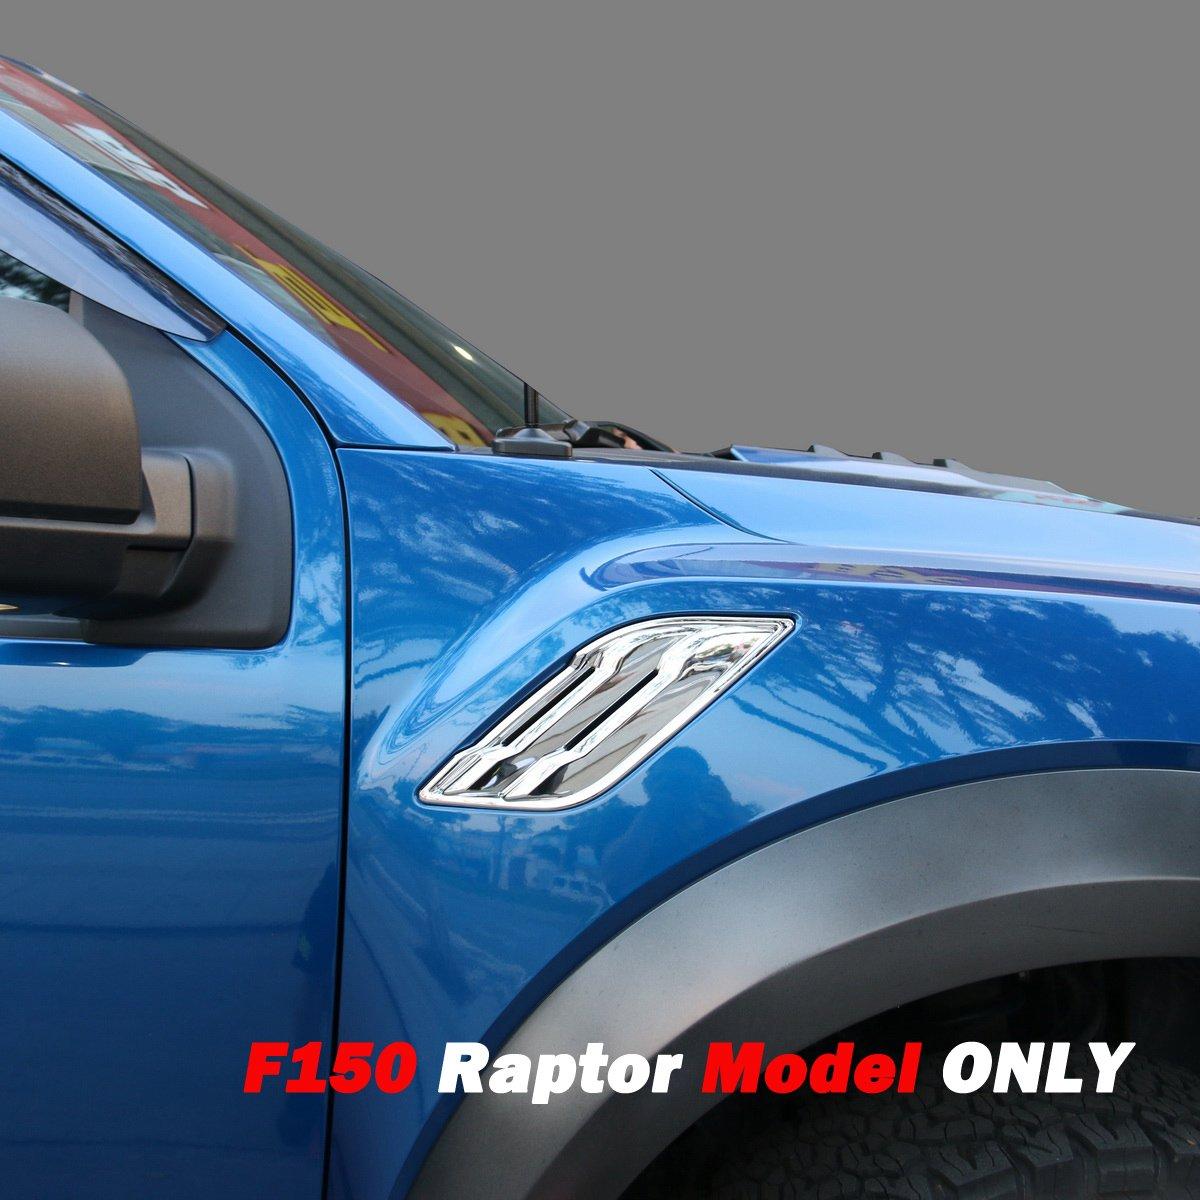 Justautotrim Honeycomb Front Bumper Bottom Fog Vent & Side Fender & Headlgiht Chrome Cover Trim for 2016 2017 2018 Ford F150 Raptor Accessories (Front Fog Vent Black)